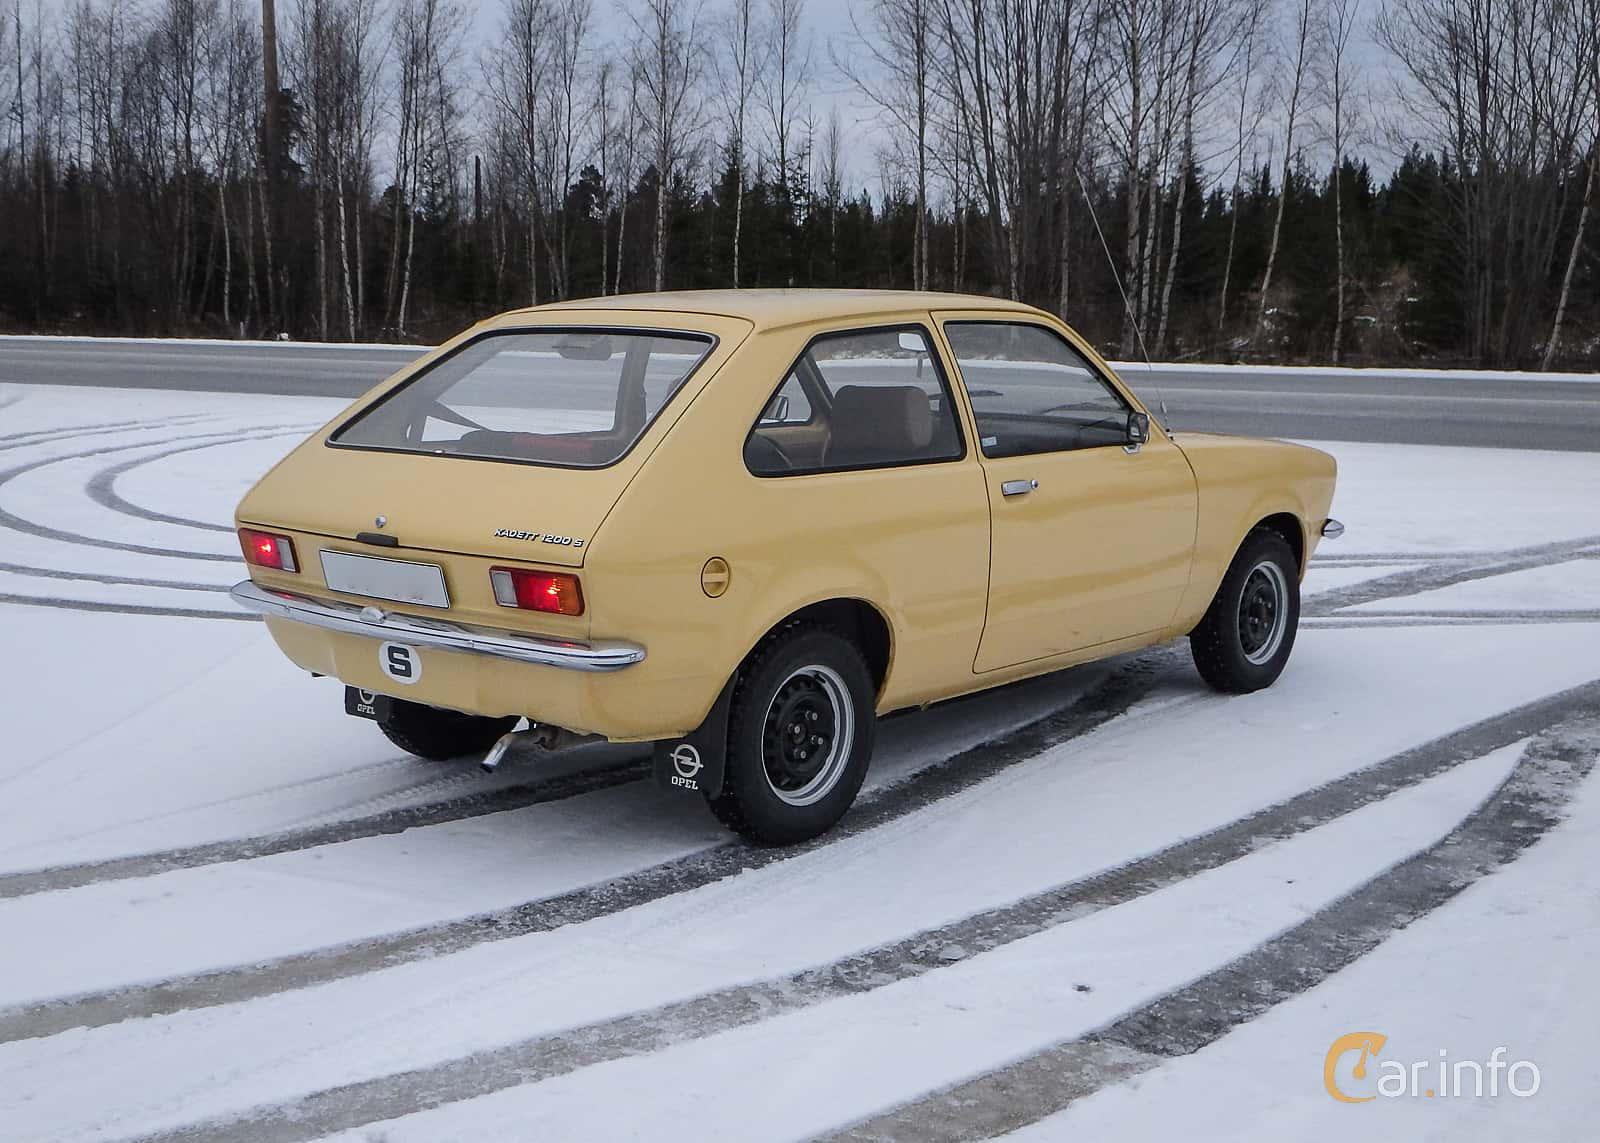 Opel Kadett 1200 S City 1.2 Manuell, 60hk, 1976